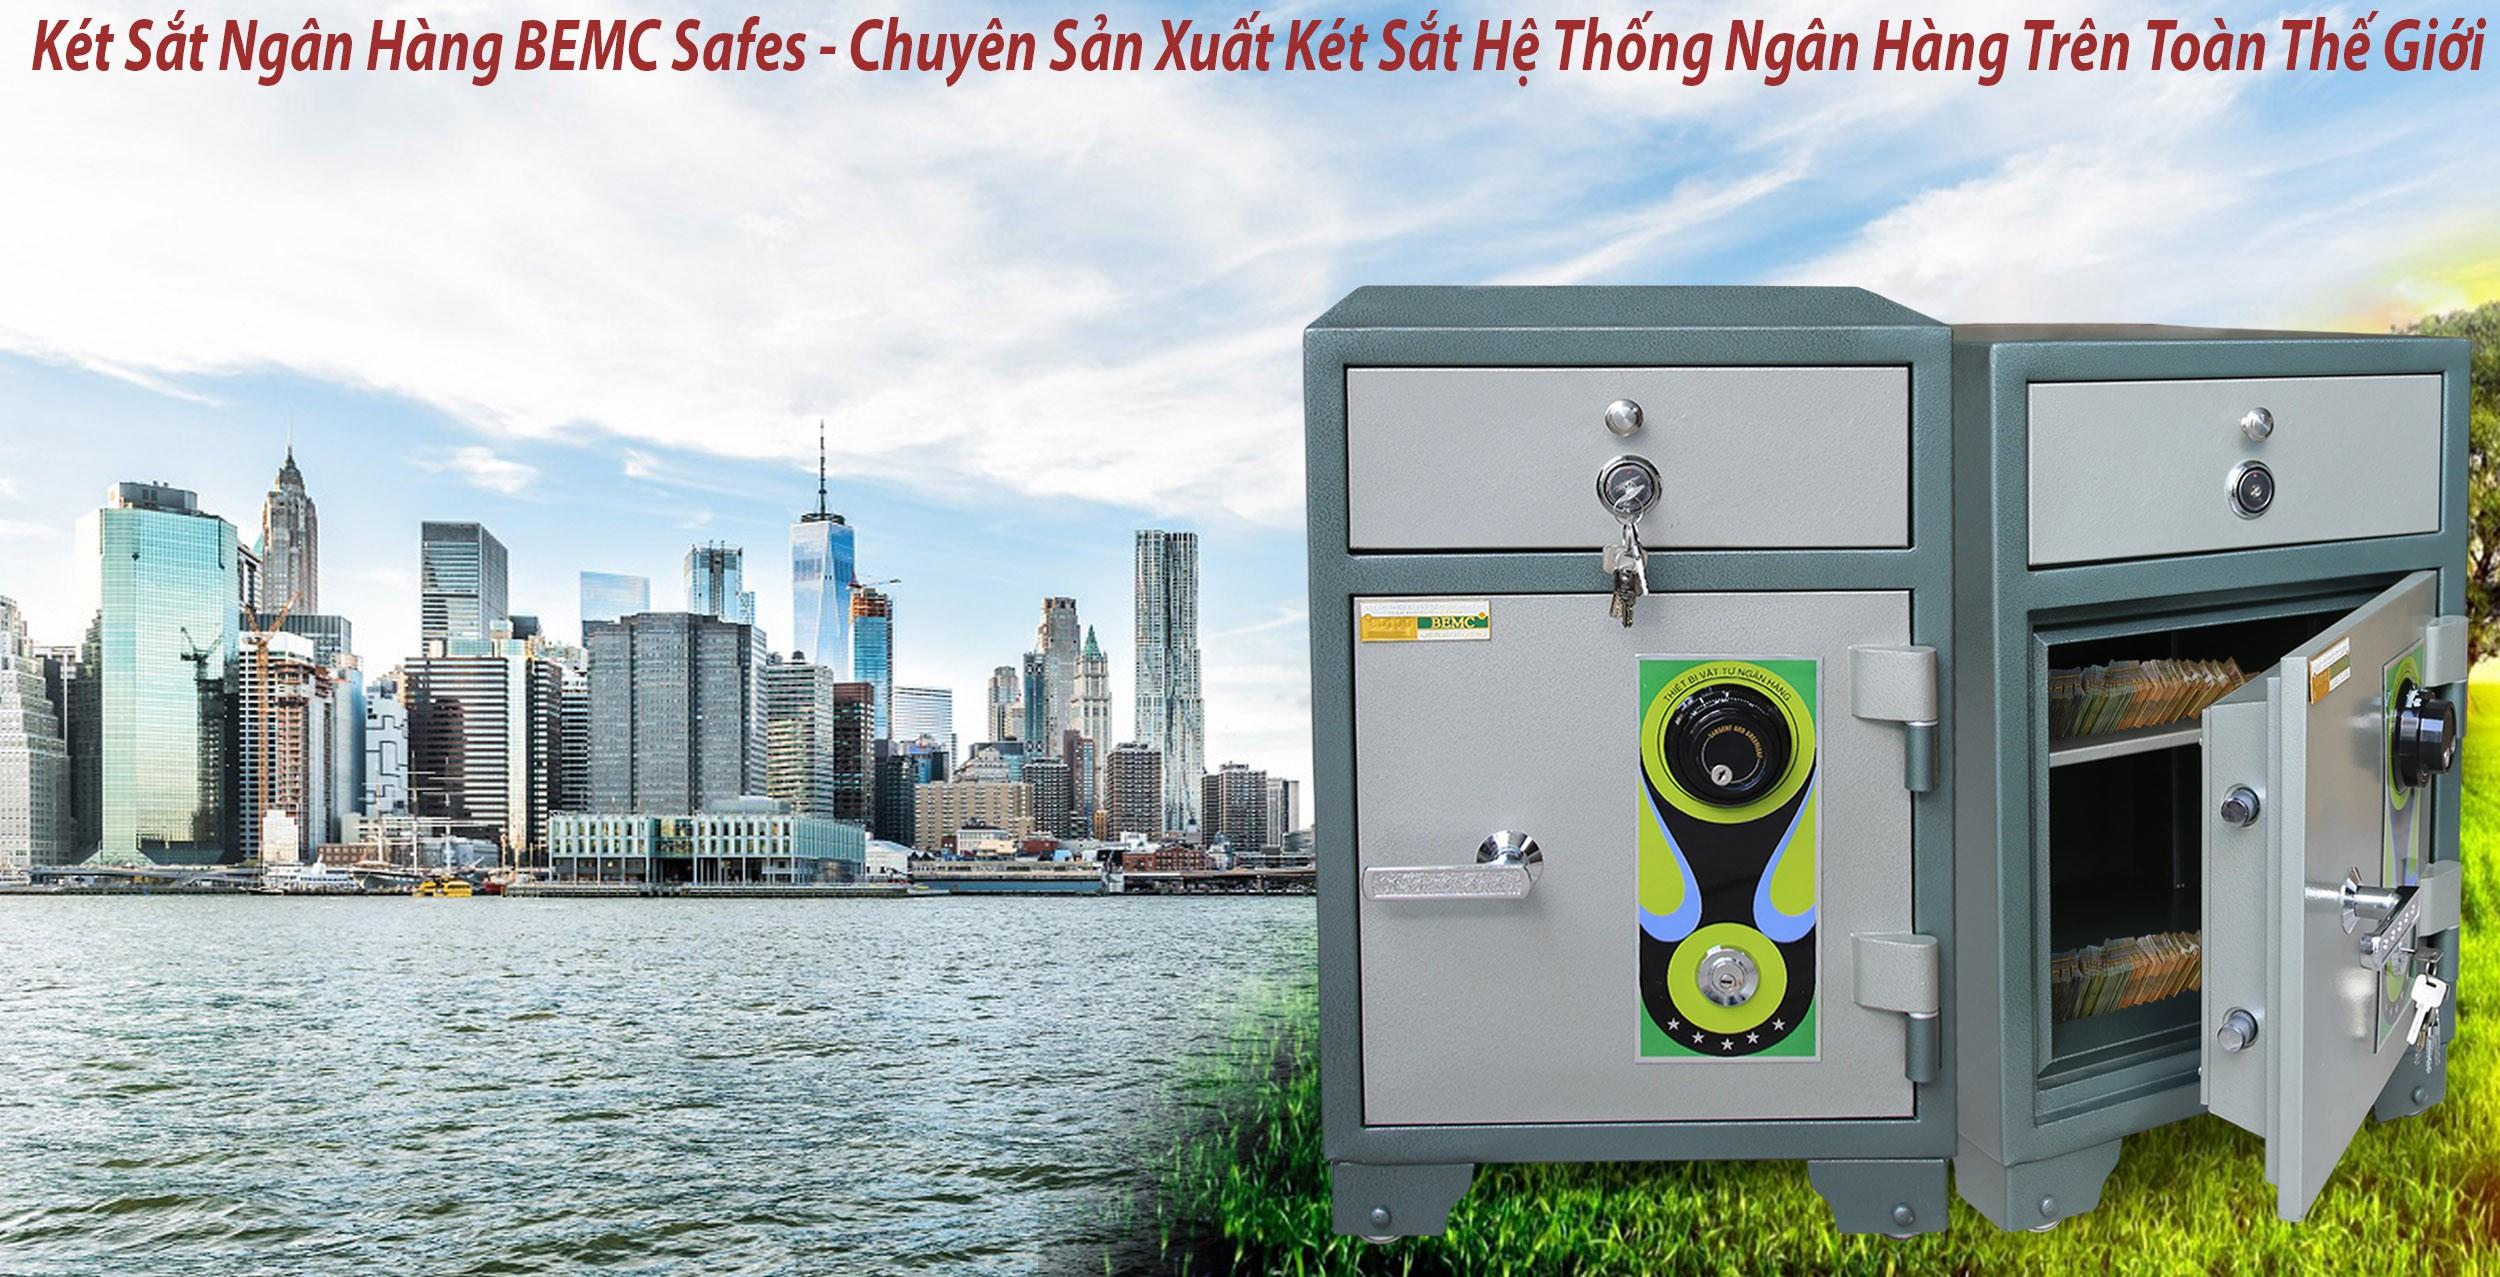 hình ảnh sản phẩm dịch vụ két sắt ngân hàng acb tại hà nội